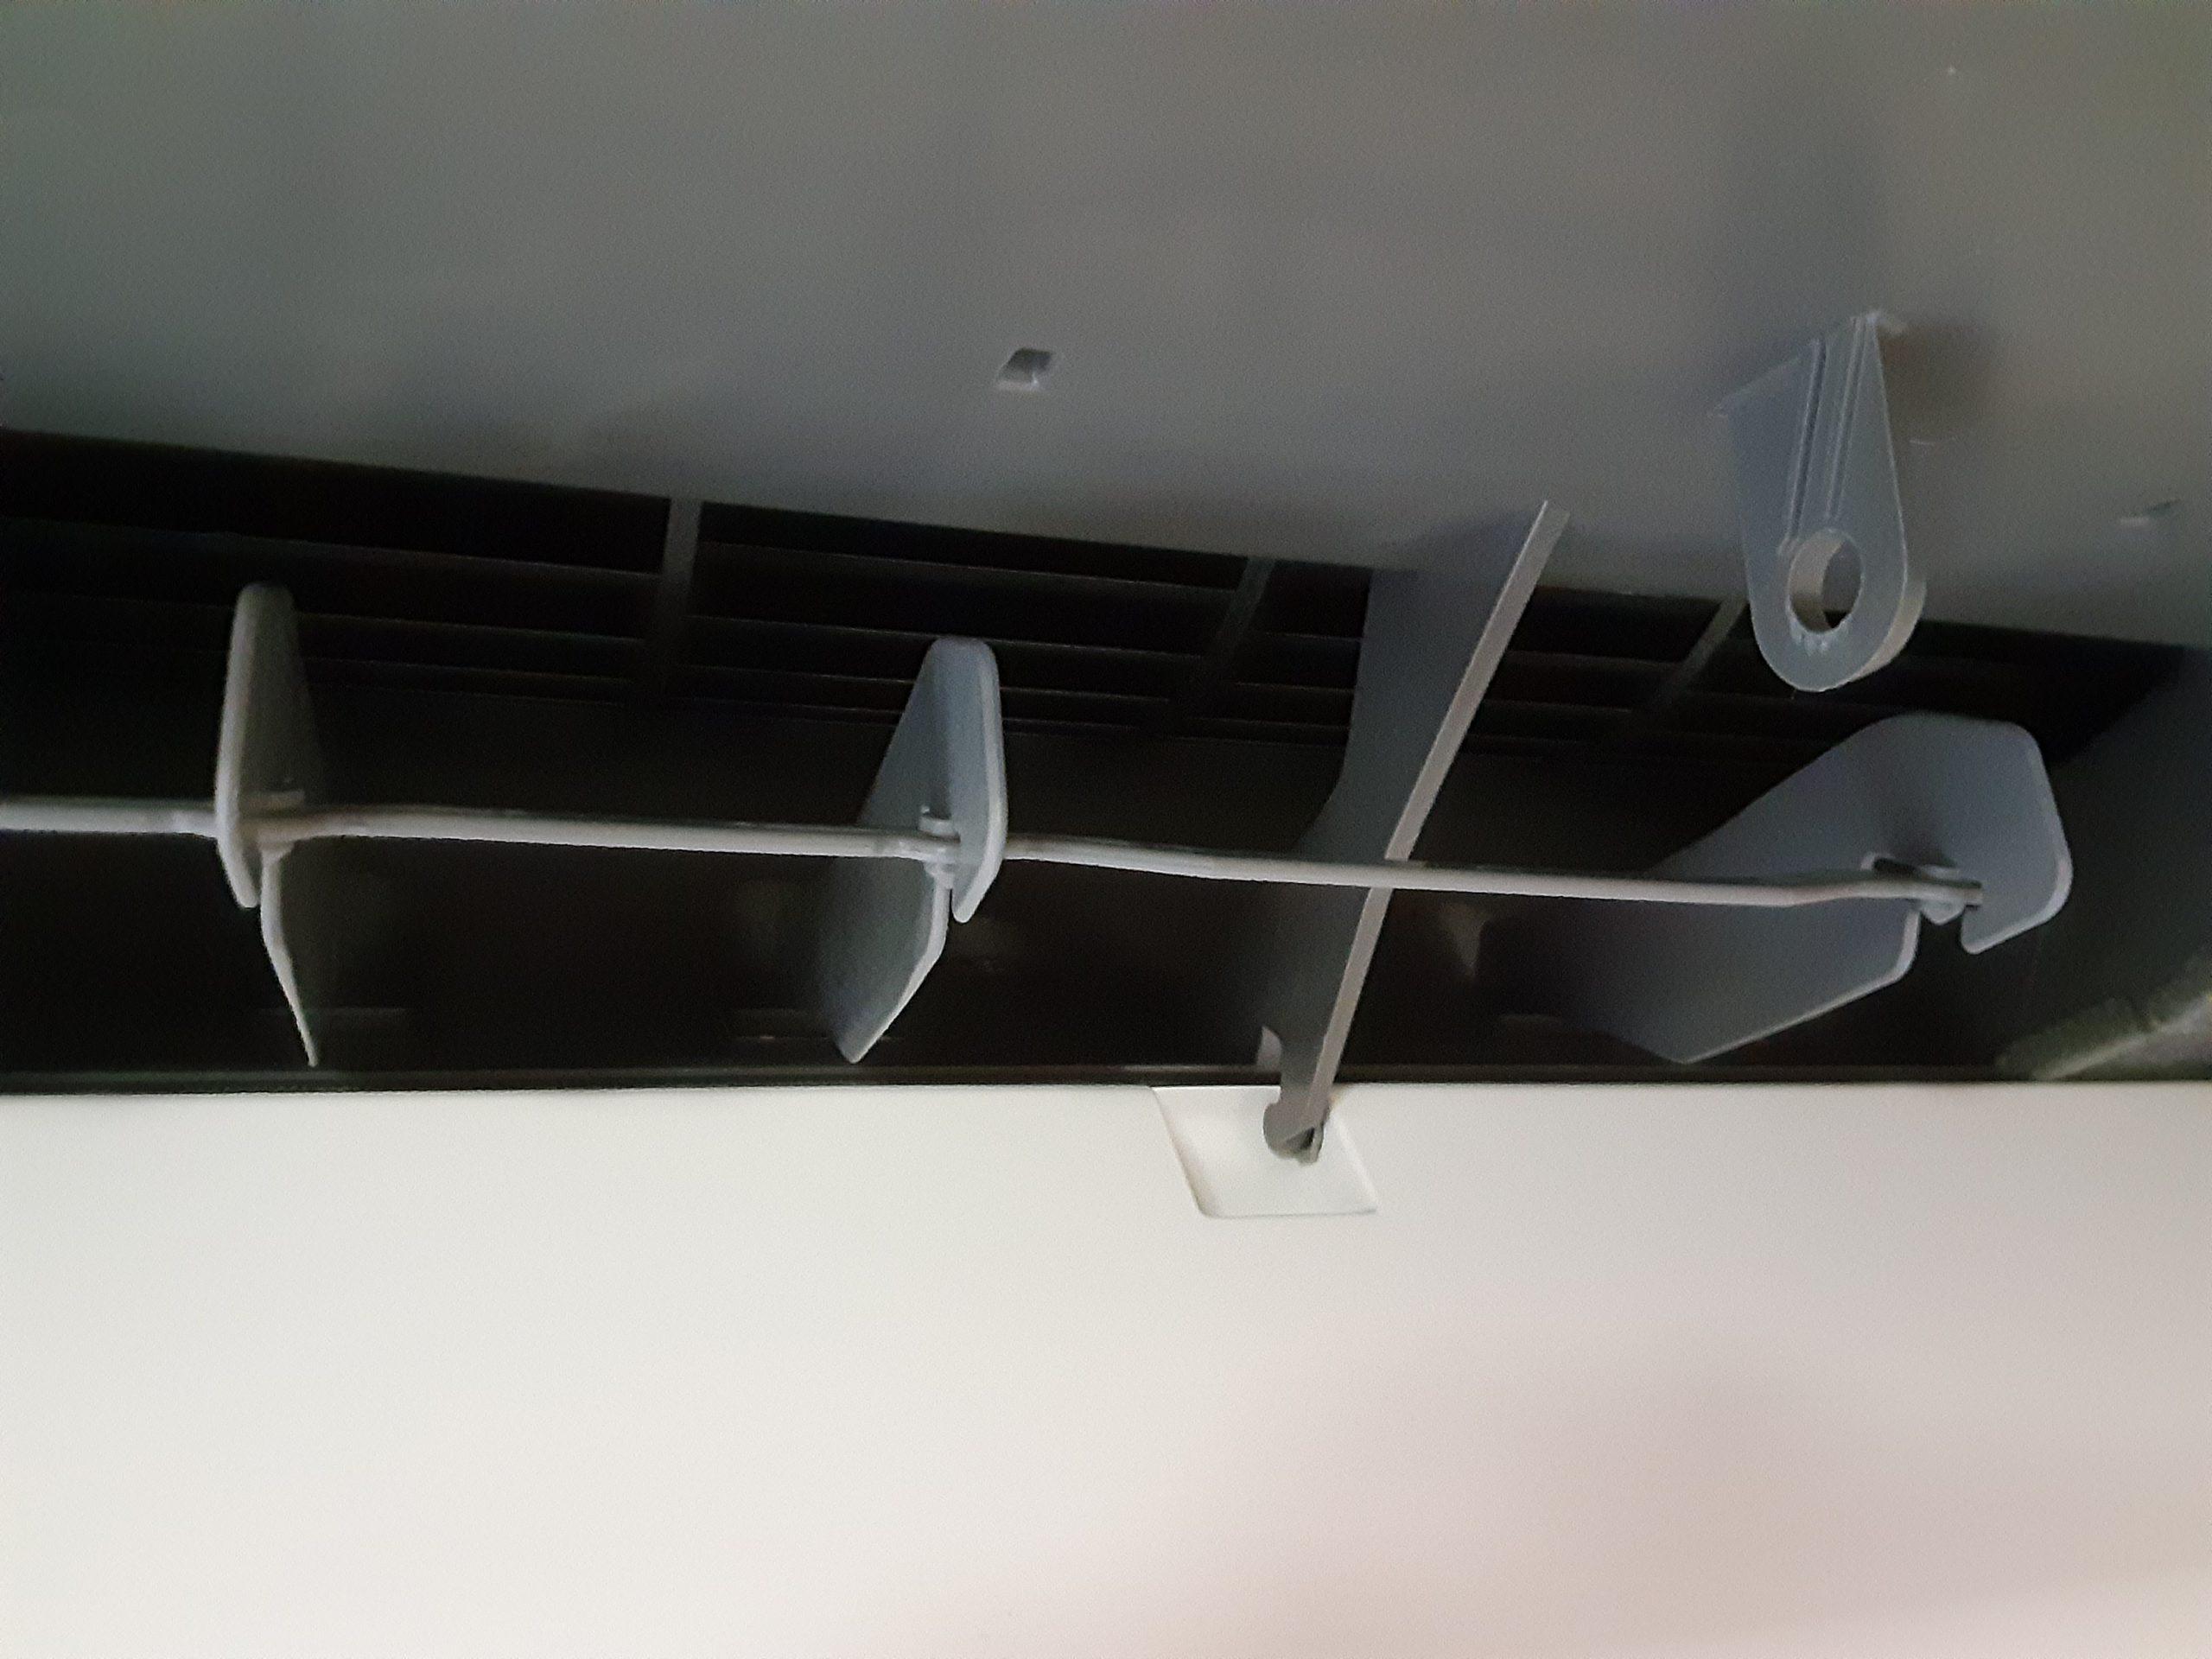 いい部屋おそうじPROのエアコンダブル洗浄